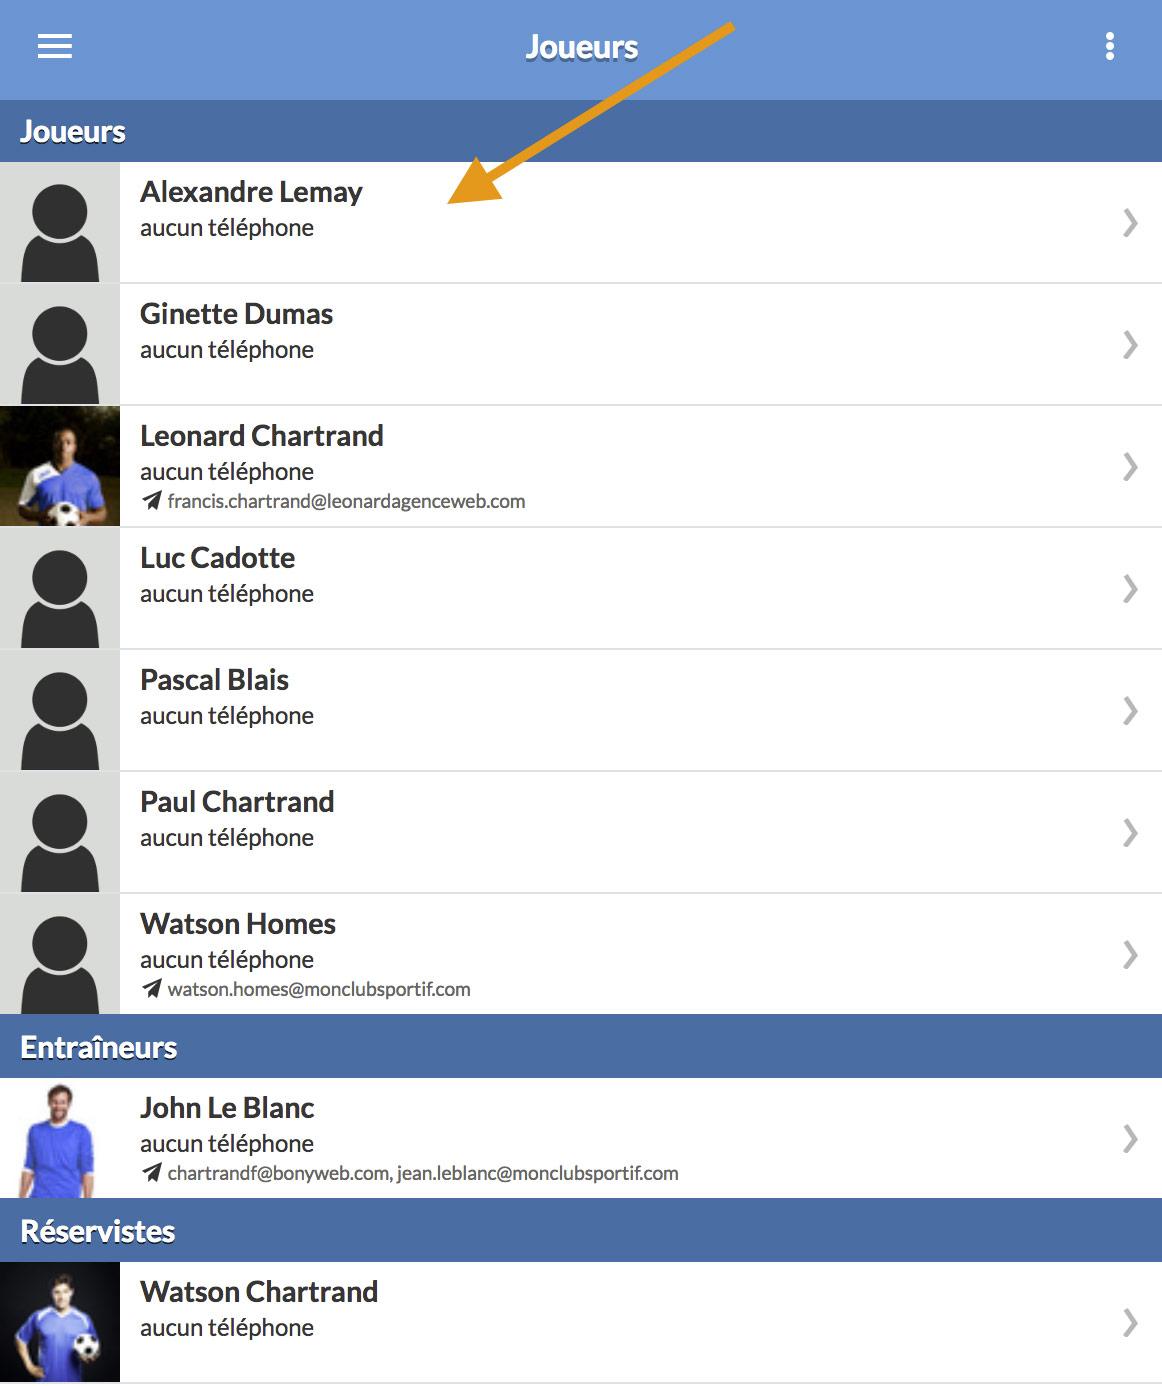 mobile partager acces compte liste joueur joueur